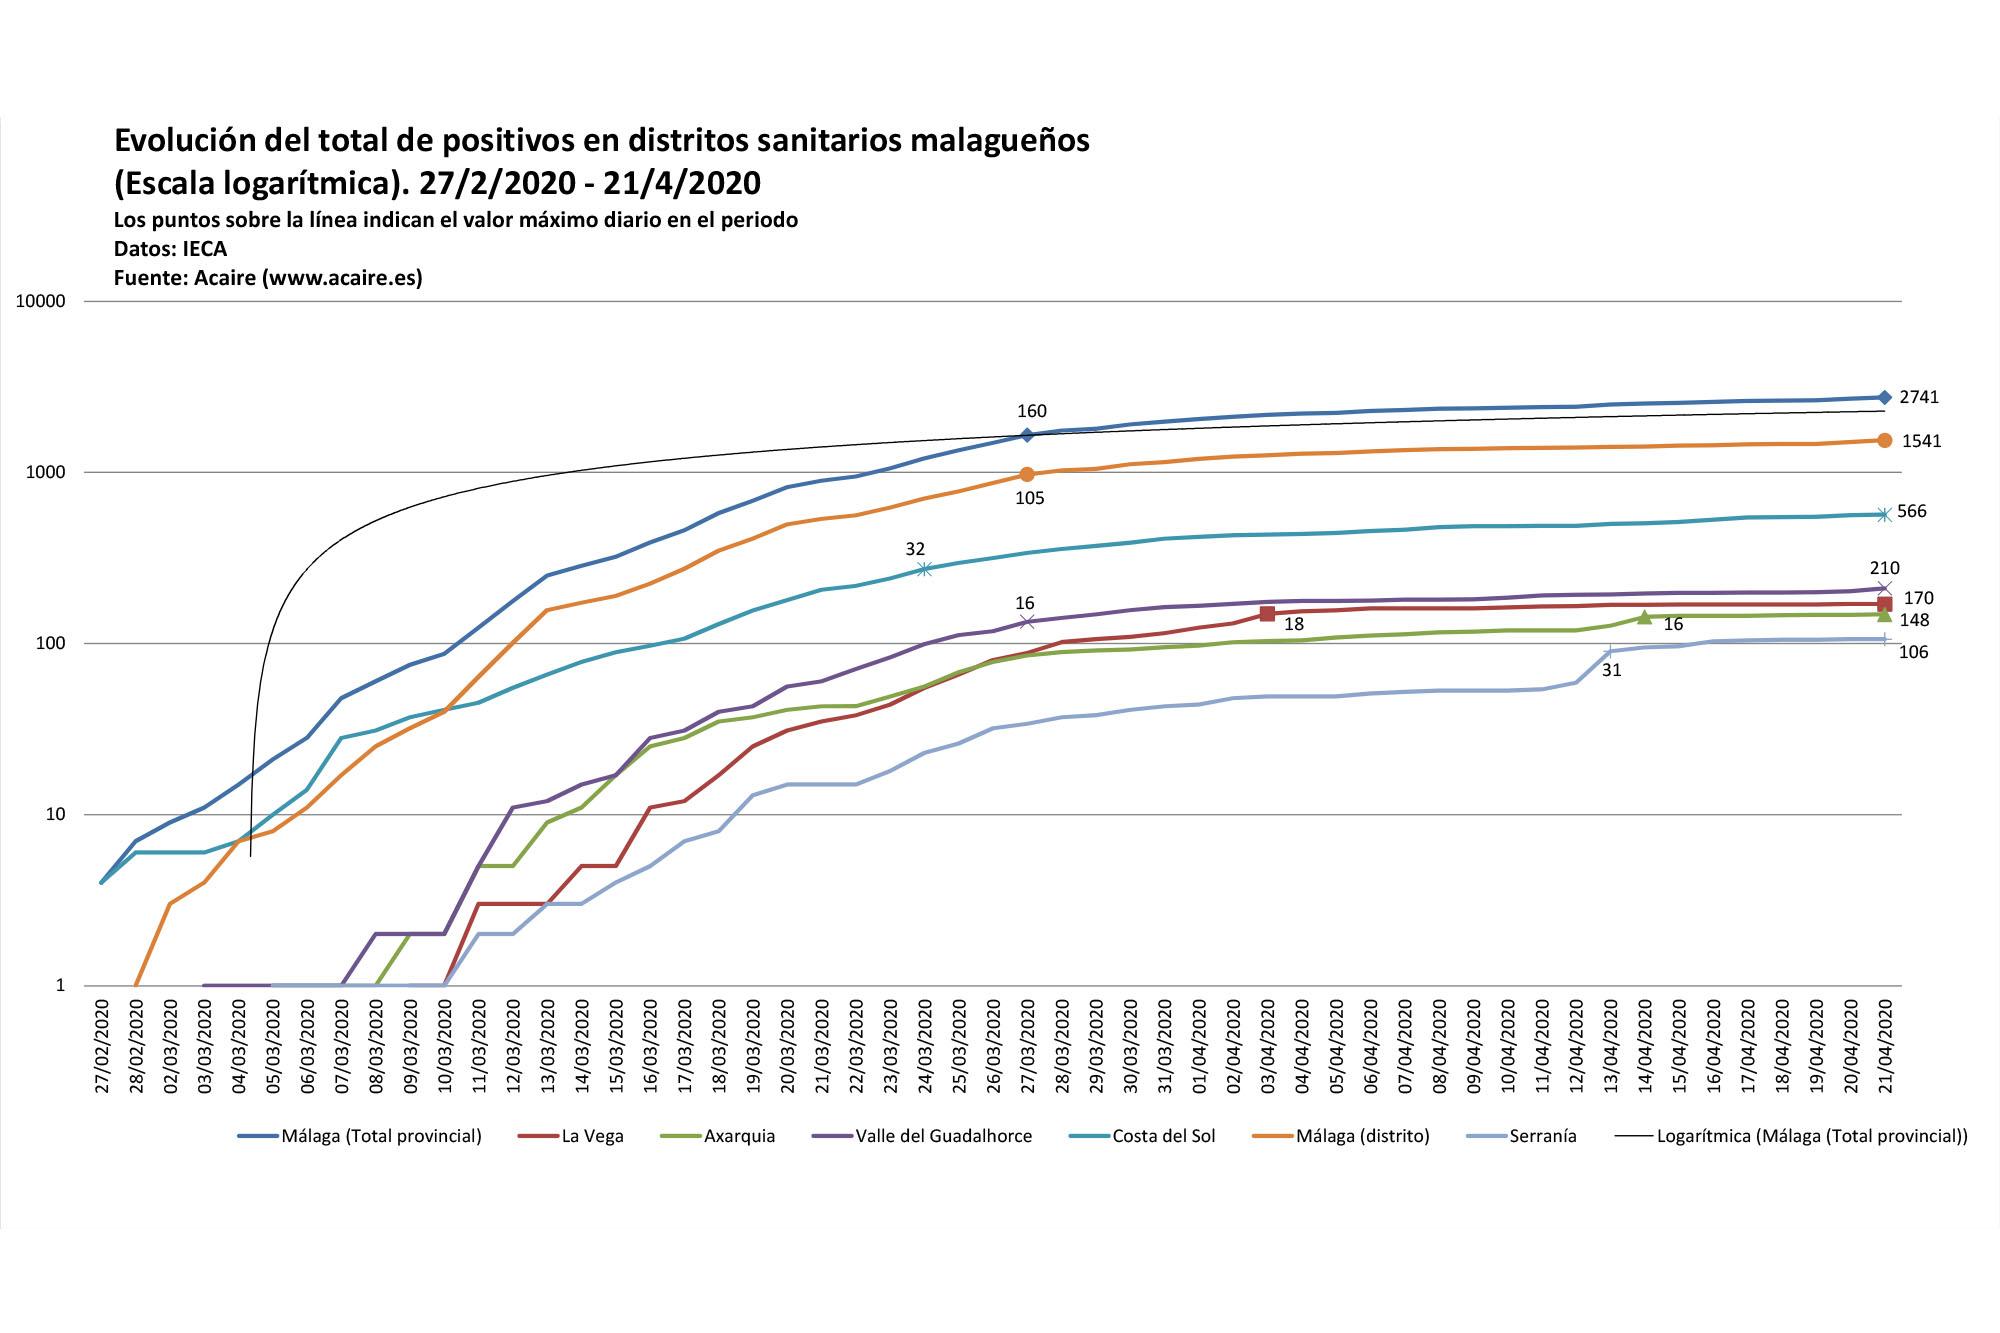 Evolución Covid 19 en distritos sanitarios malagueños